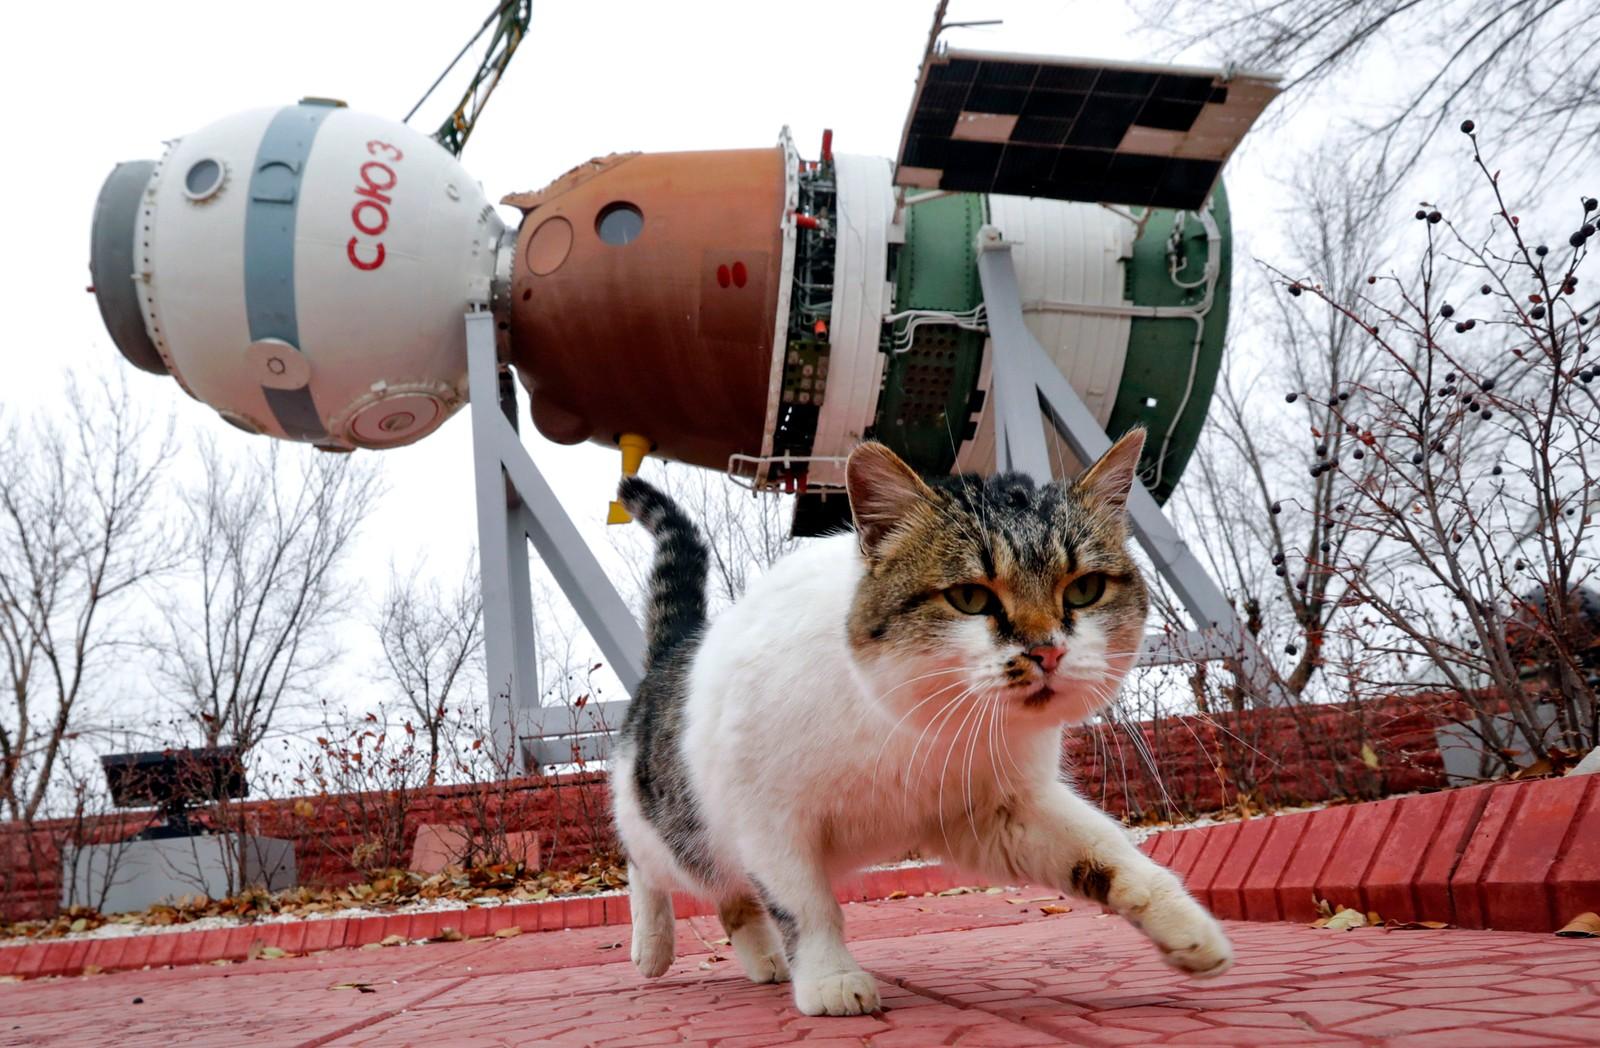 En felis catus og en Soyuz-rakett ved et museum i Kazakhstan. En ny Soyuz-rakett skal snart ta med seg franske Thomas Pesquet, Russiske Oleg Novtskij og amerikanske Peggy Annette Whitson til Den internasjonale romstasjonen.